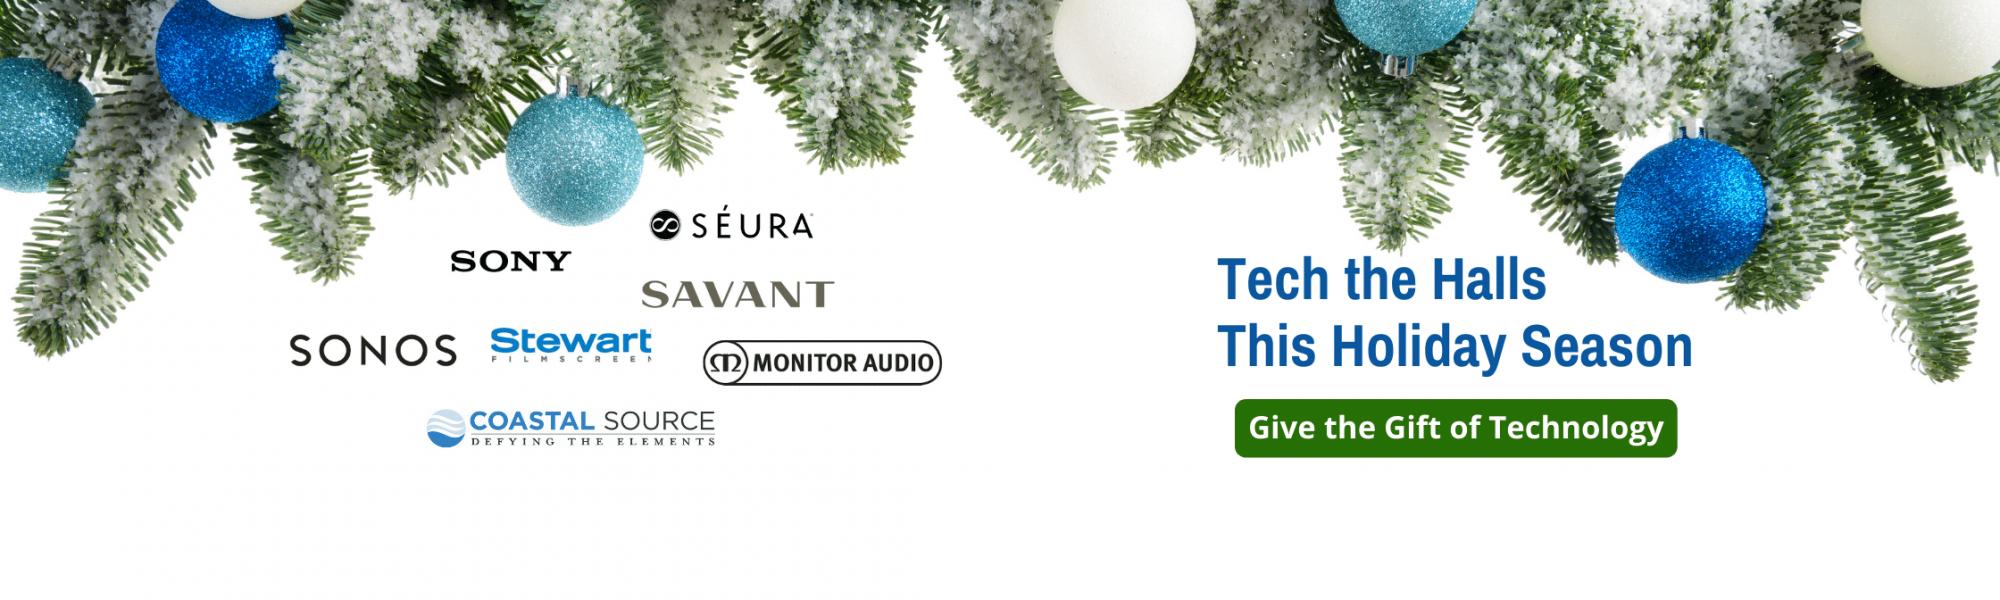 Tech-the-Halls-This-Holiday-Season-1-e1606265447716